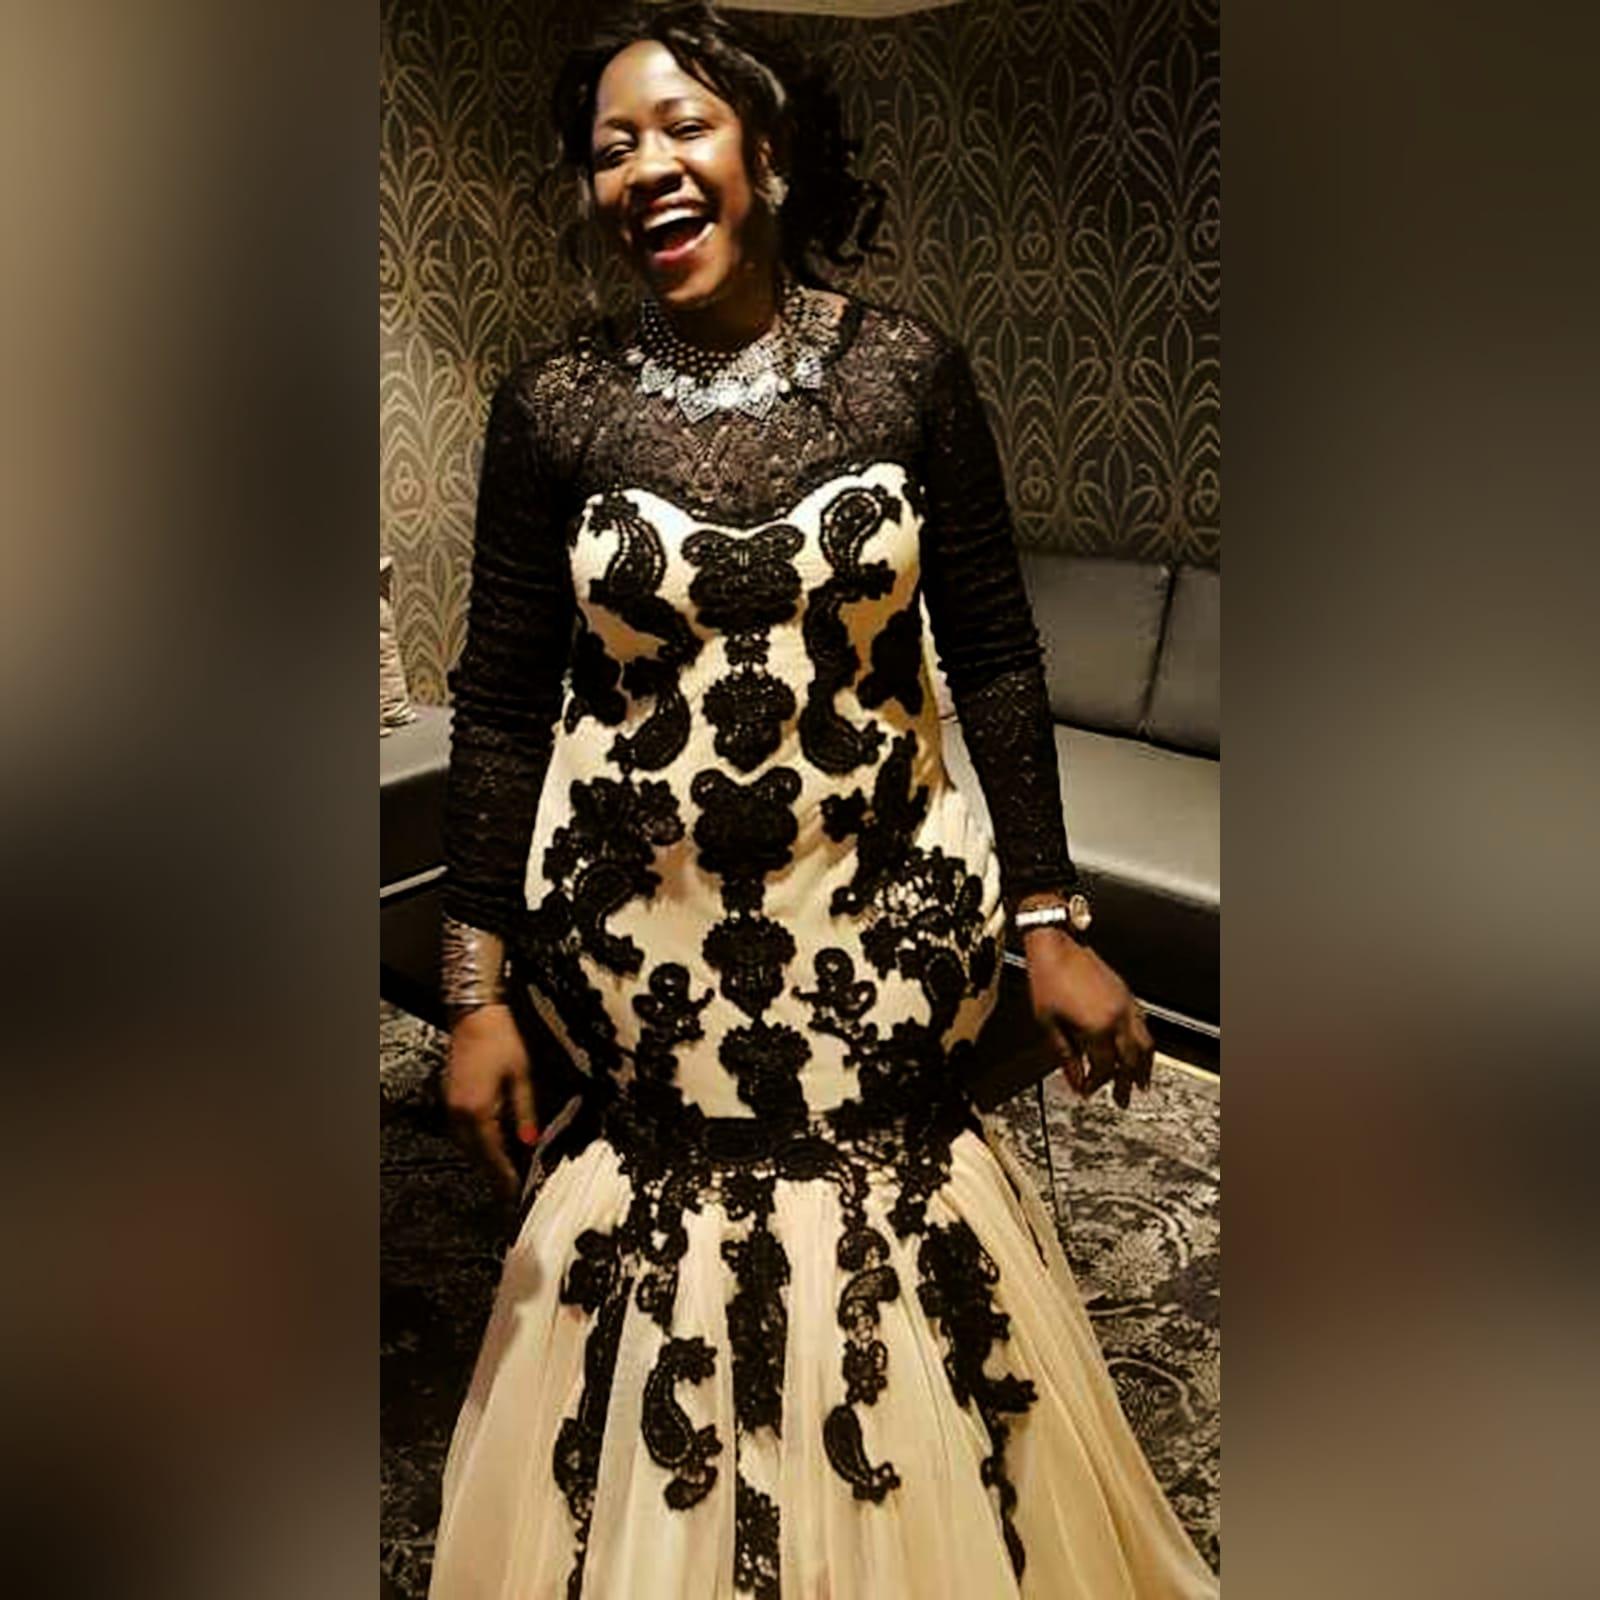 Vestido de gala sereia bege e preto 1 vestido de gala sereia bege e preto. Vestido detalhado com renda preta, decote em renda preta translucida com mangas compridas